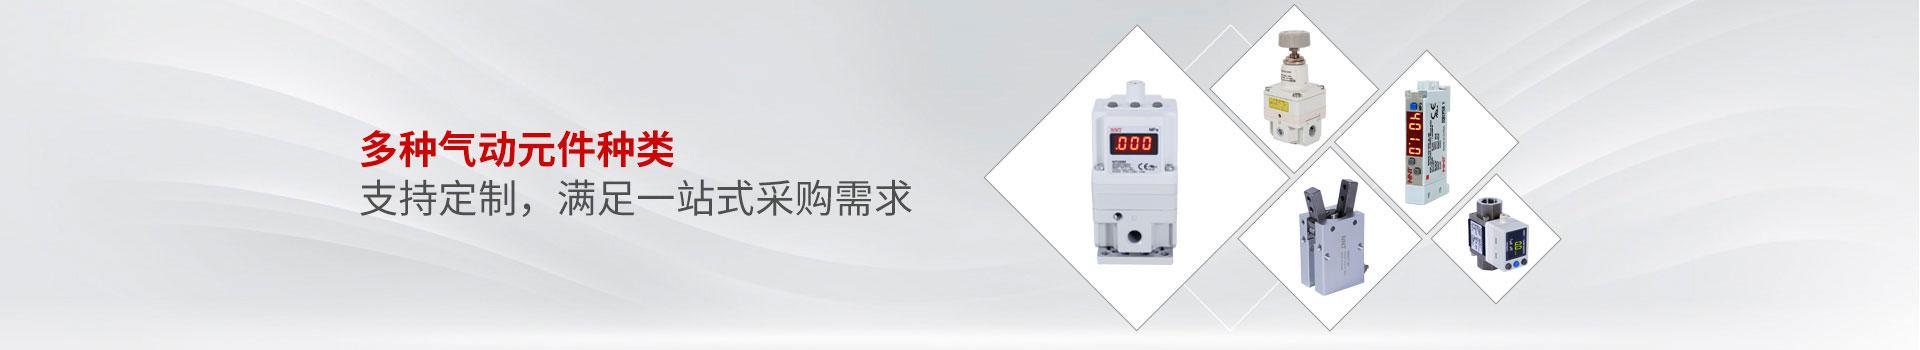 诺能泰多种气动元件种类 支持定制,满足一站式采购需求